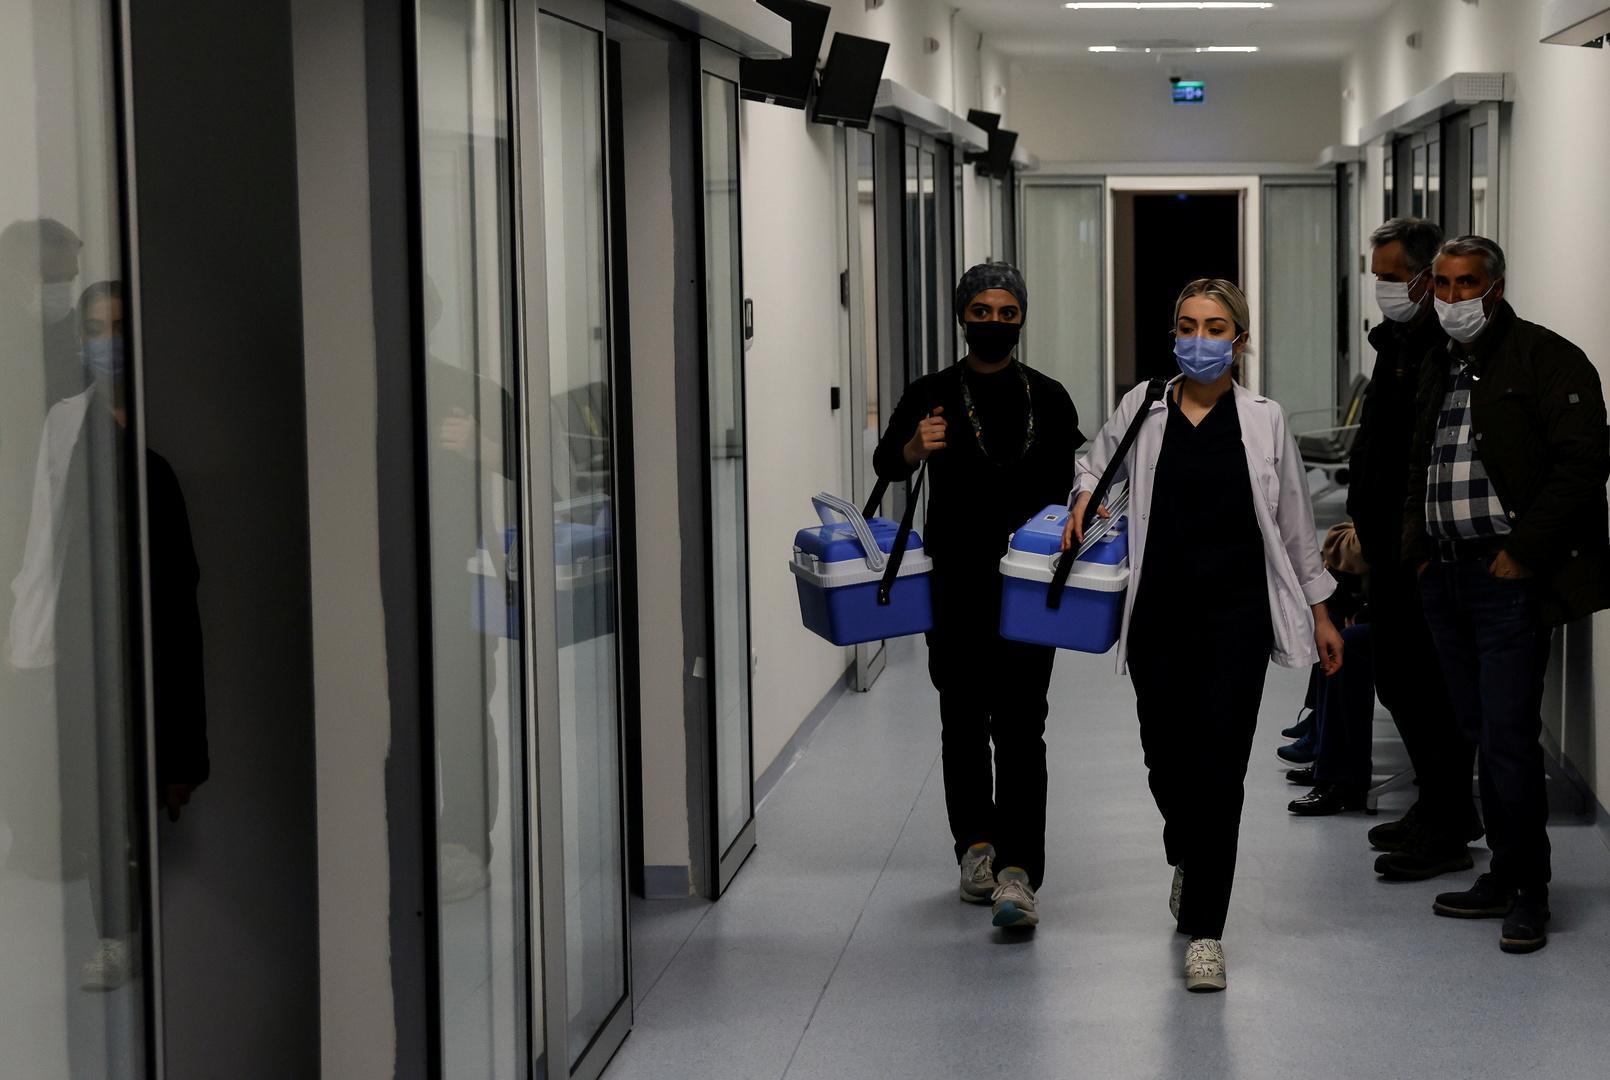 تركيا تسجل انخفاضا حادا في وفيات كورونا